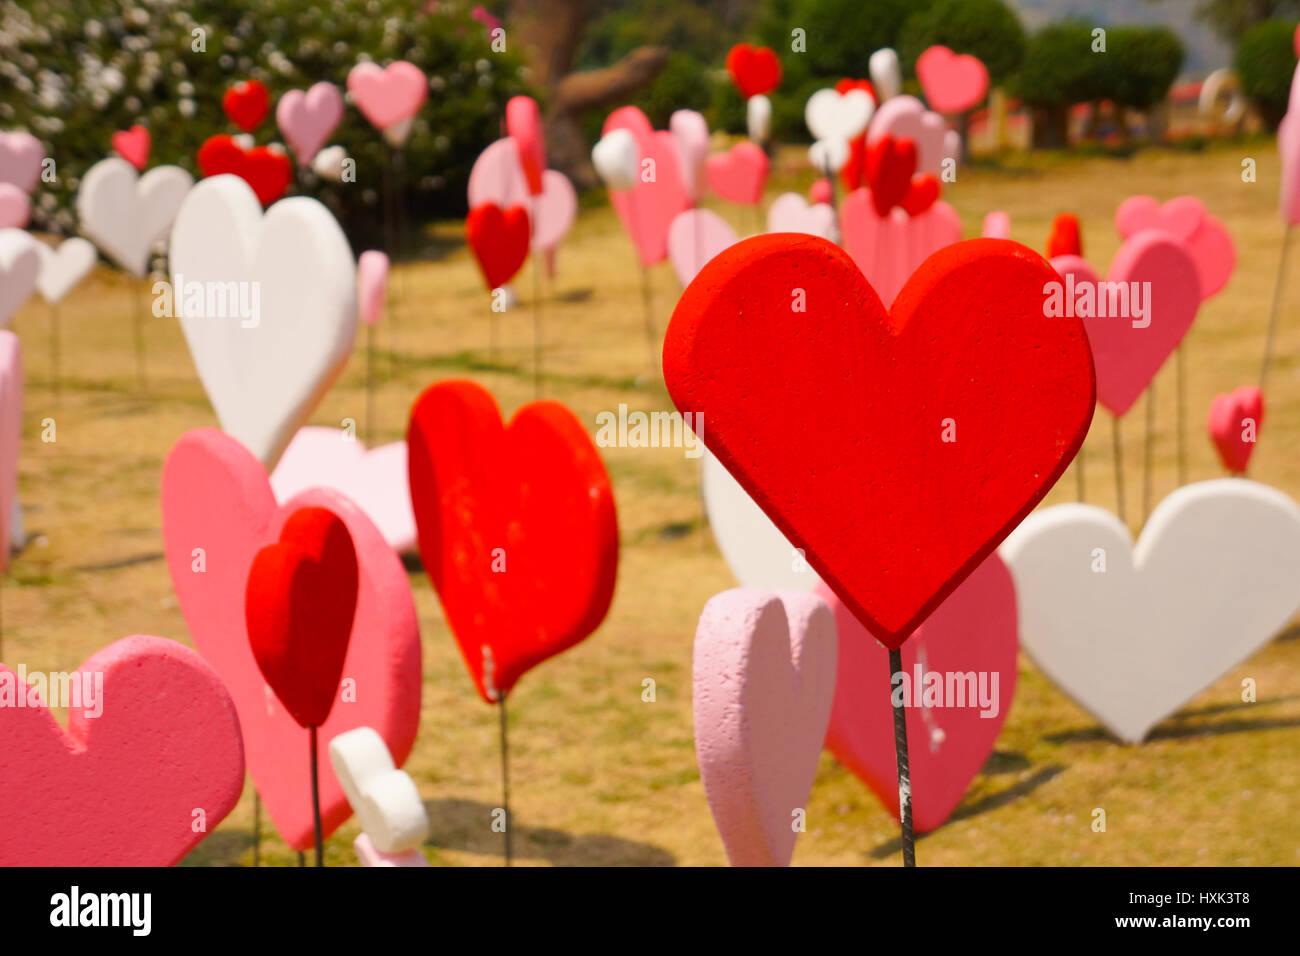 Valentinstag Wallpaper Liebe Romantische Thema Viele Rote Form Im